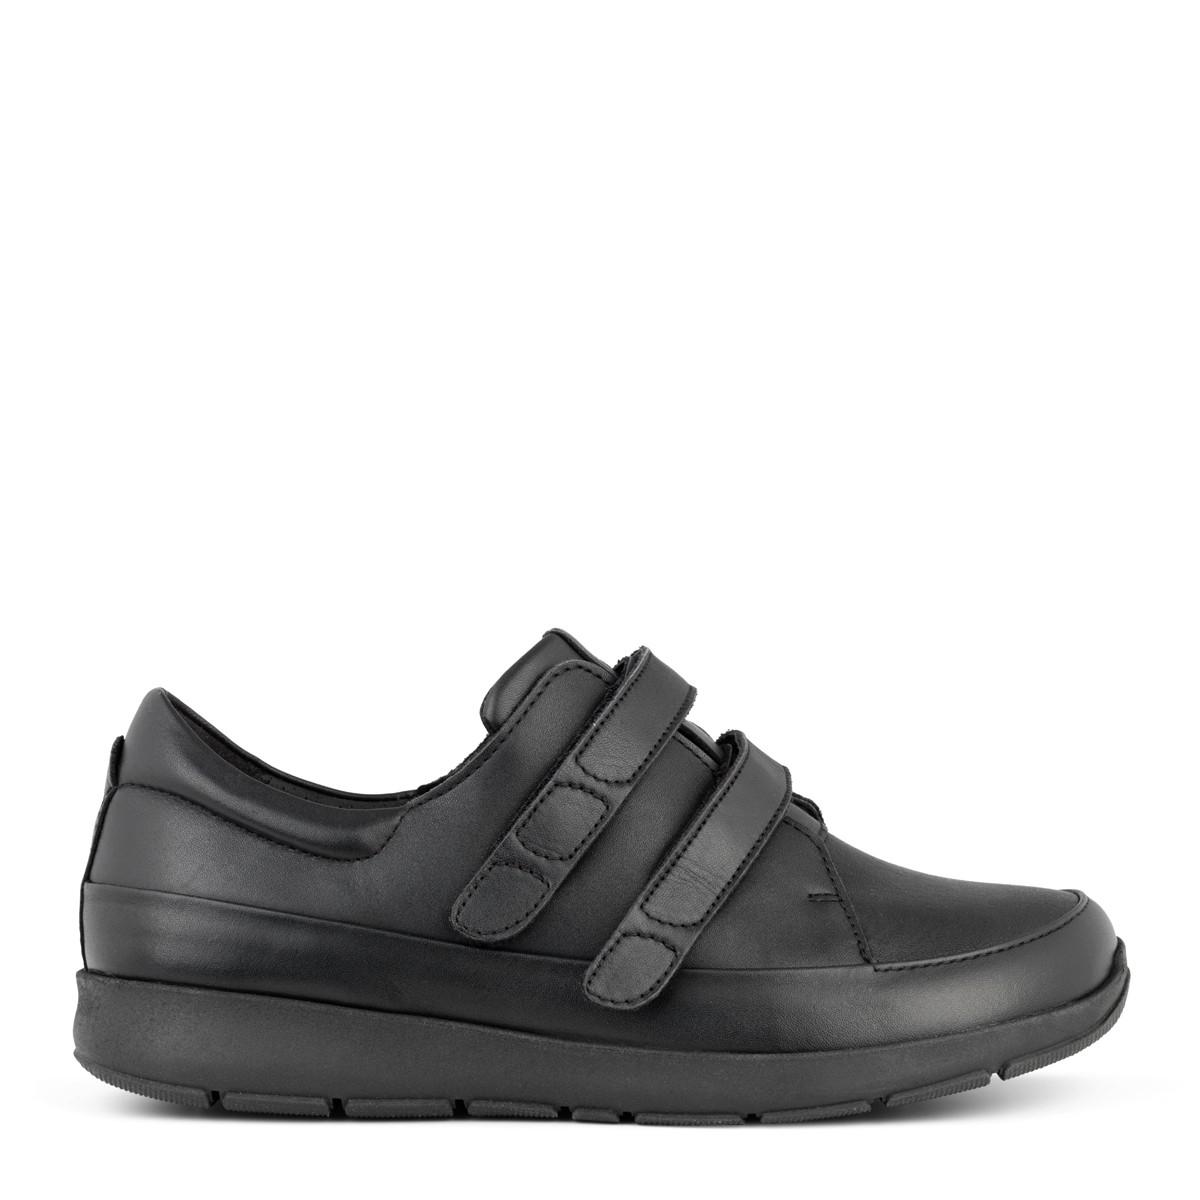 New Feet damesko i strækskind med velcrolukning fra